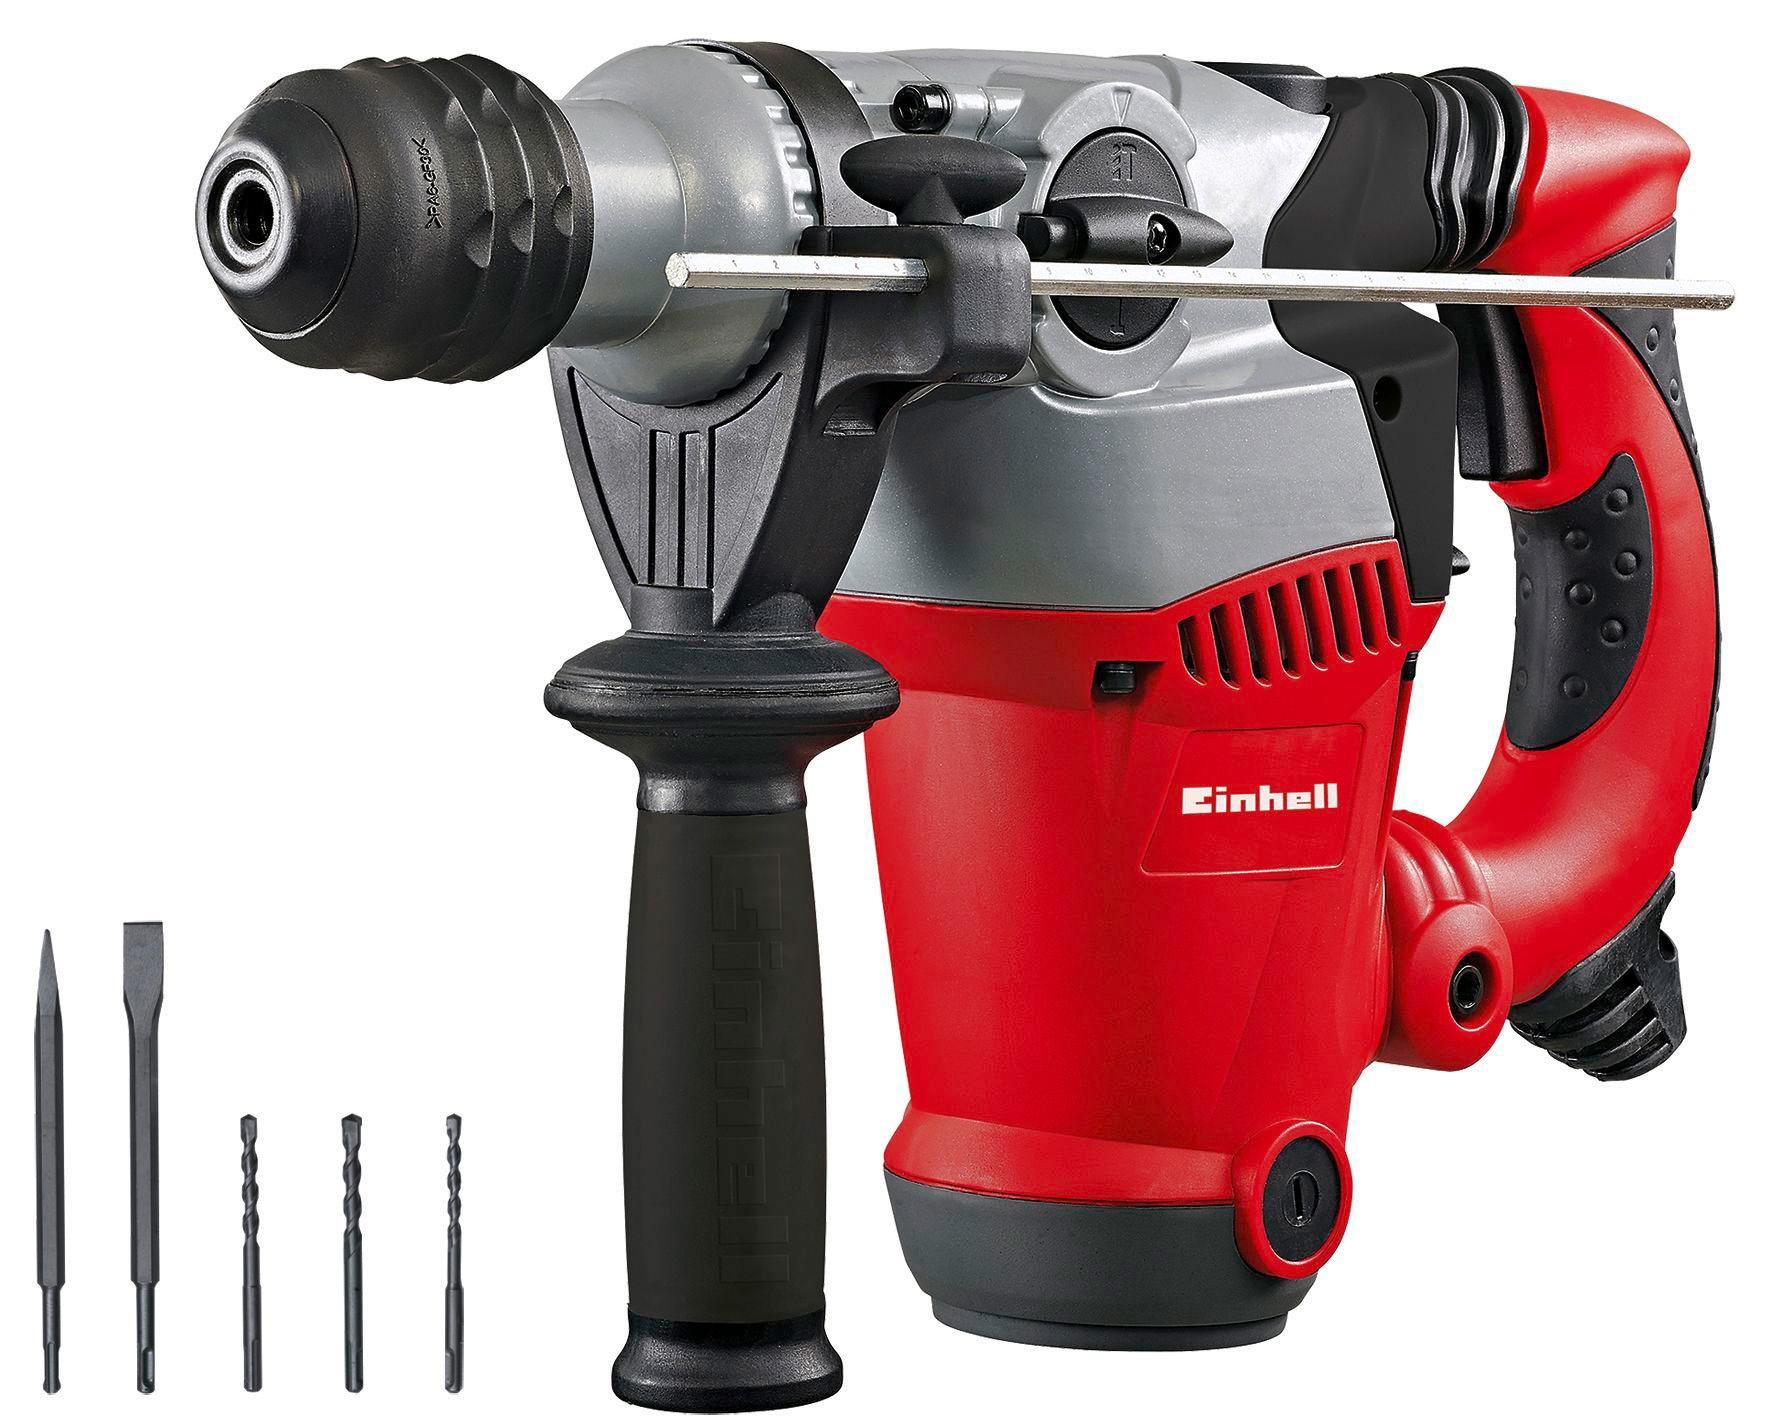 Einhell Bohrhammer RT-RH 32 rot Bohrhämmer Werkzeug Maschinen